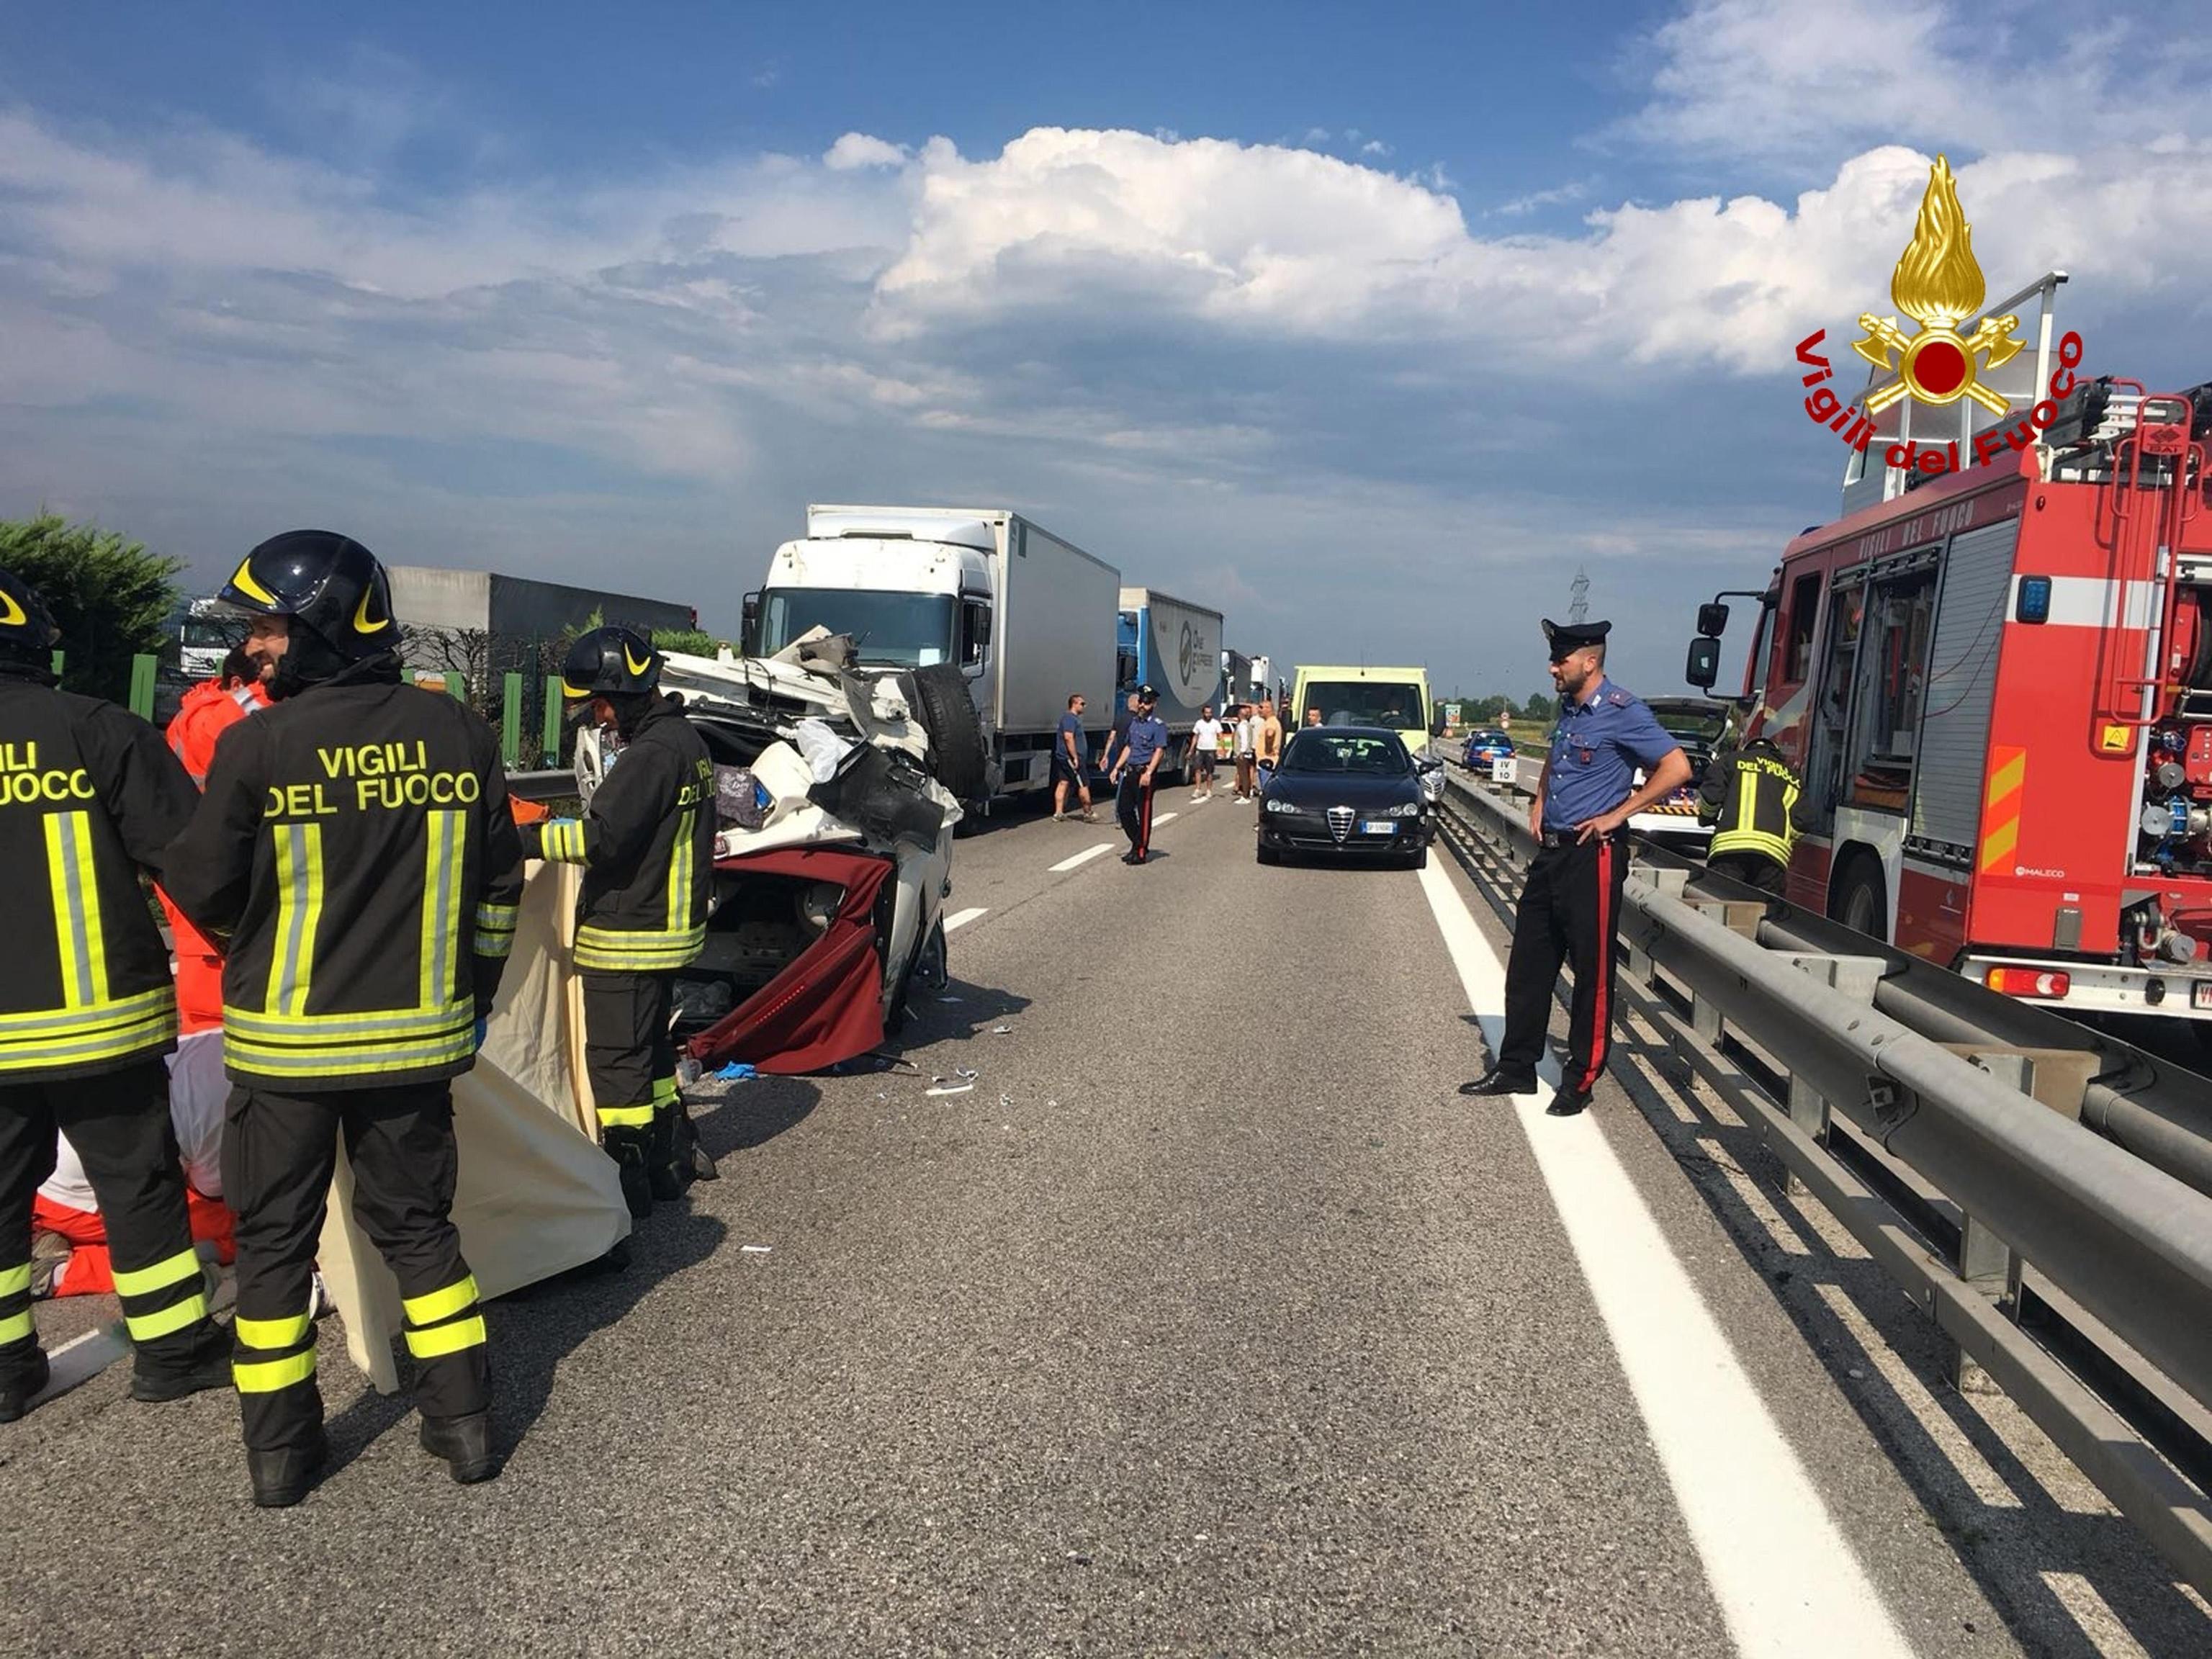 Tragedia sull'A4: scende dall'auto per salvare i figli e viene travolta da un'auto in corsa